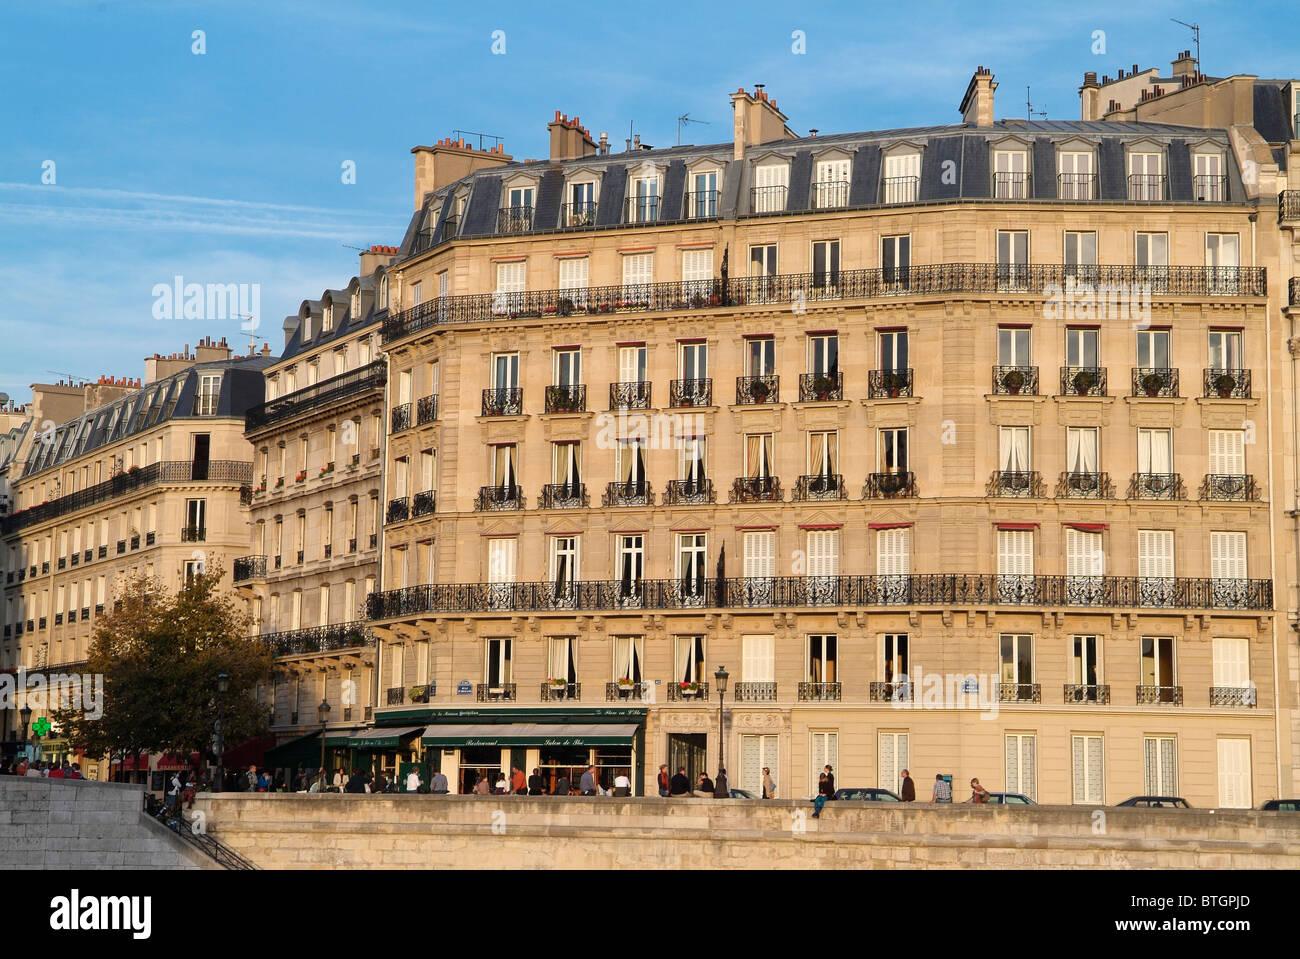 Buildings on Ile Saint Louis, Paris, capital of France - Stock Image